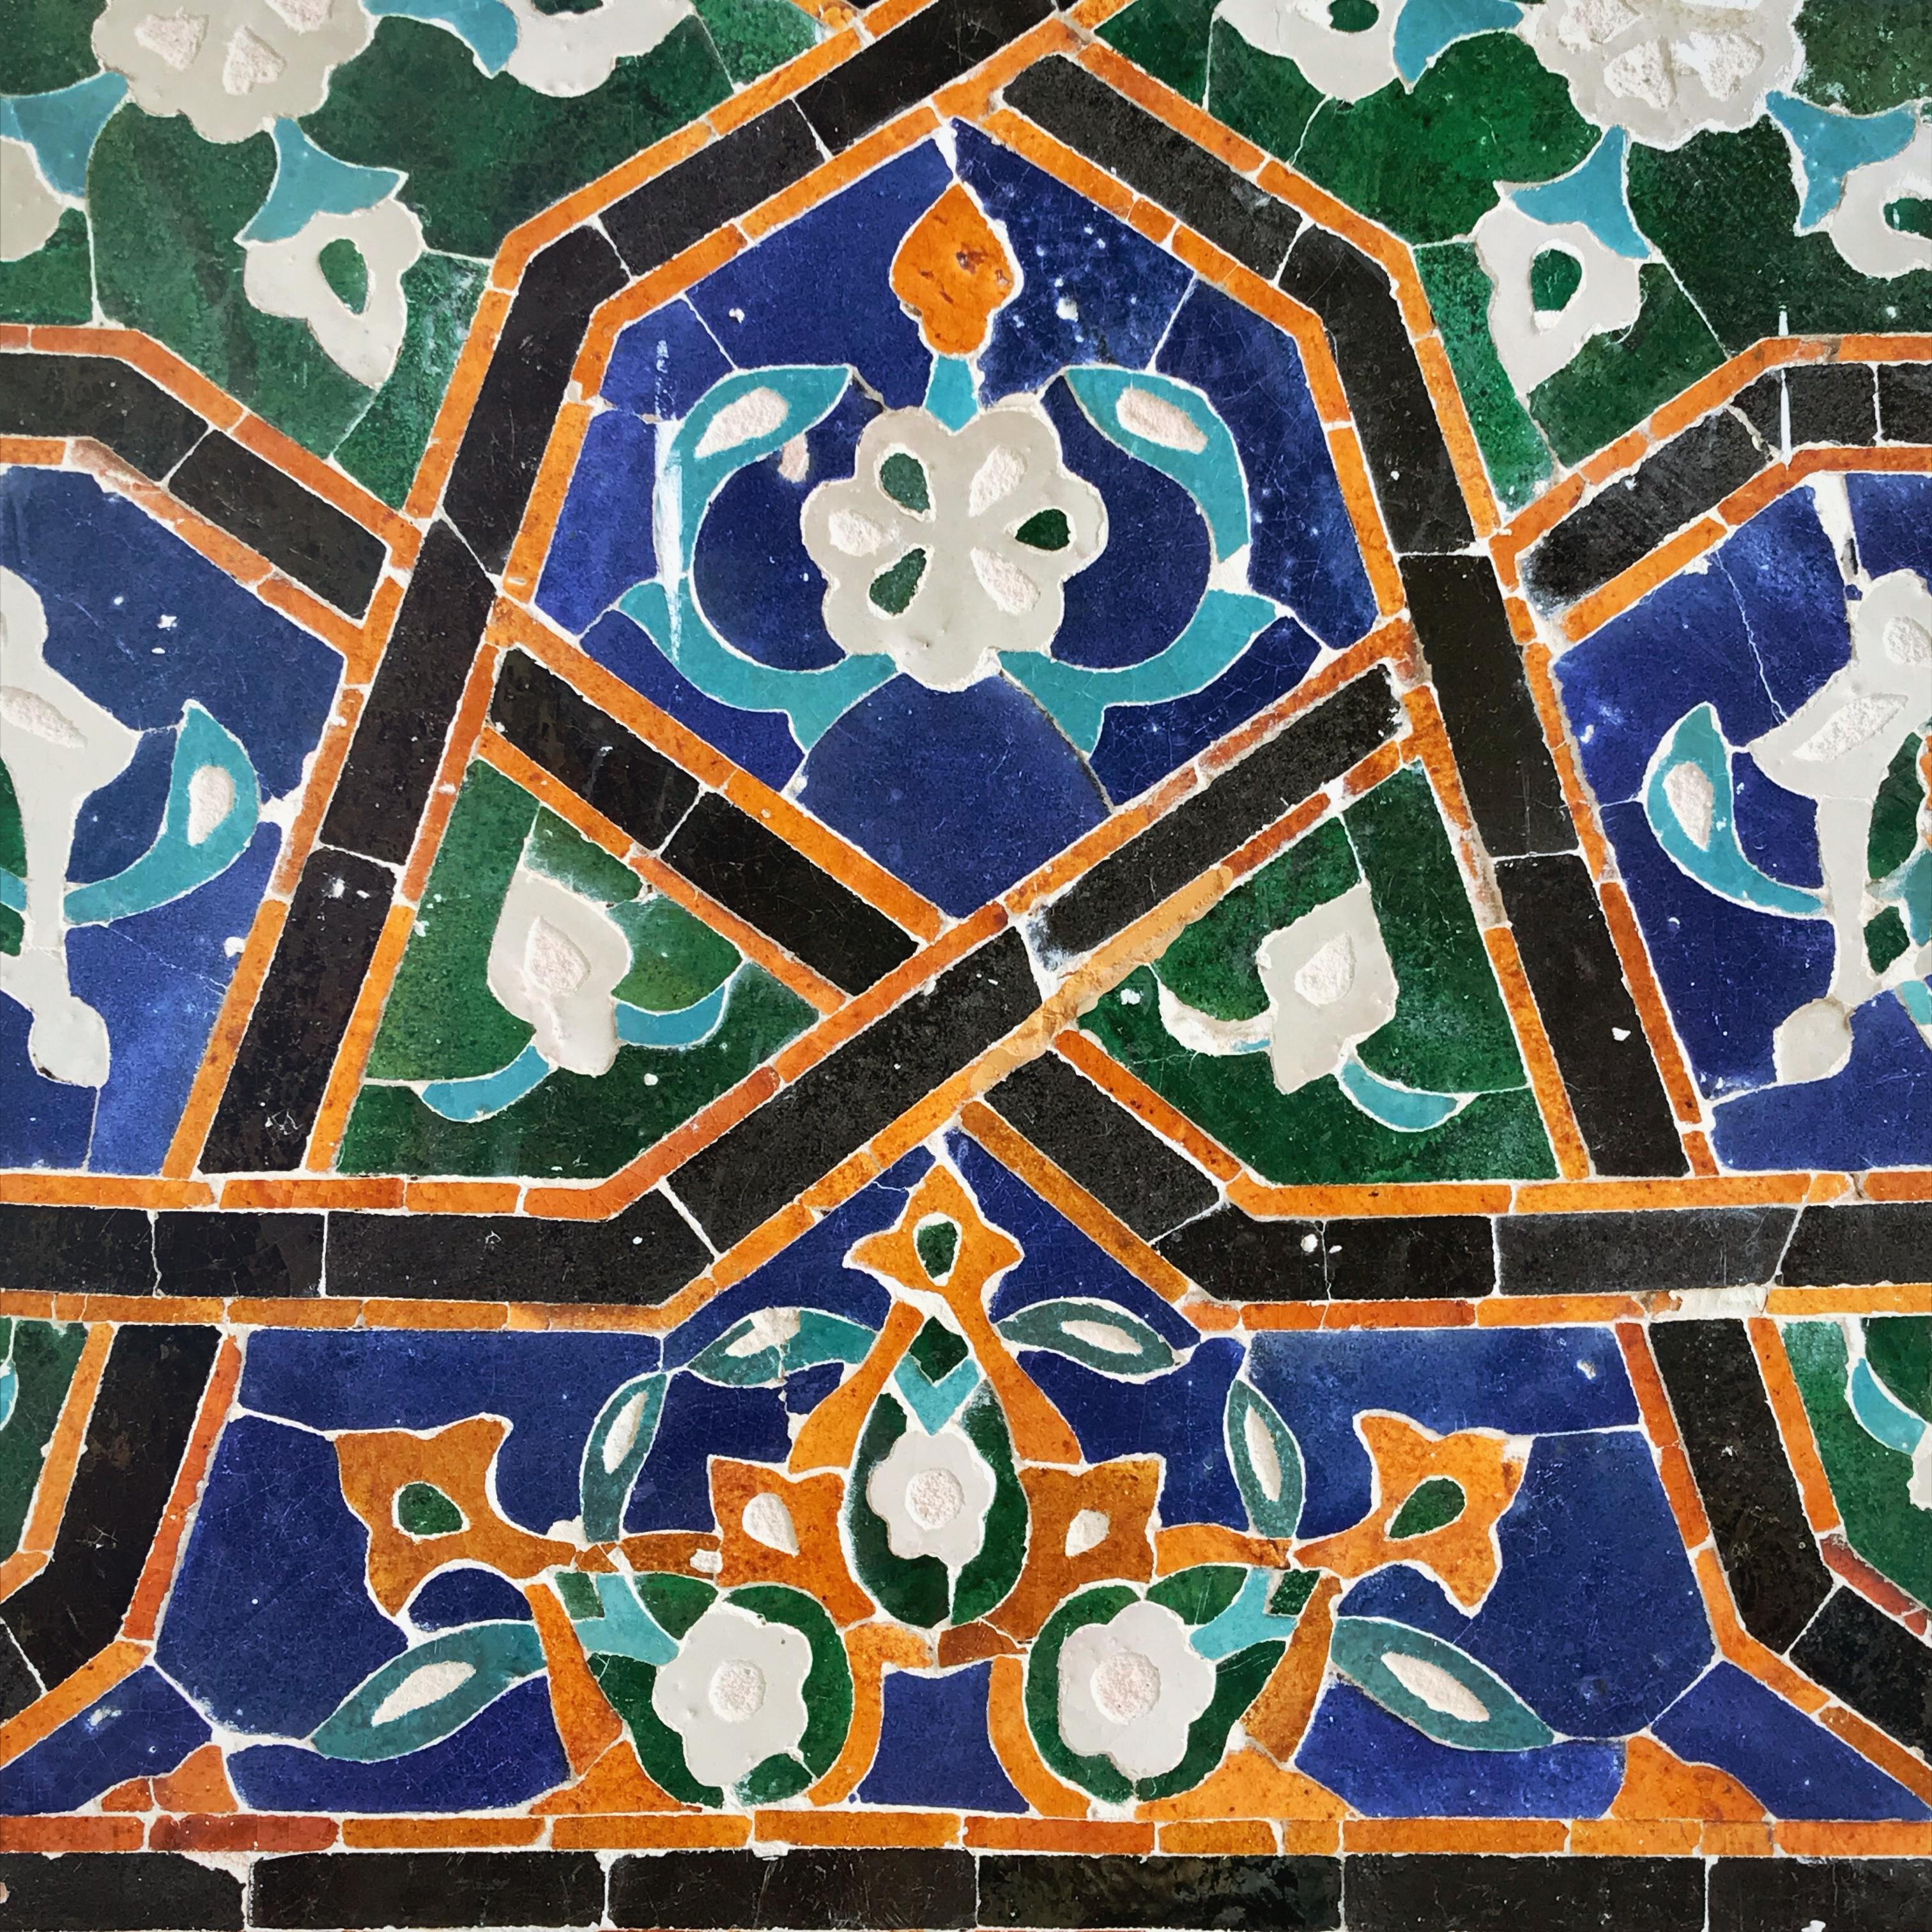 Usbekistan kscheib Kachel 15